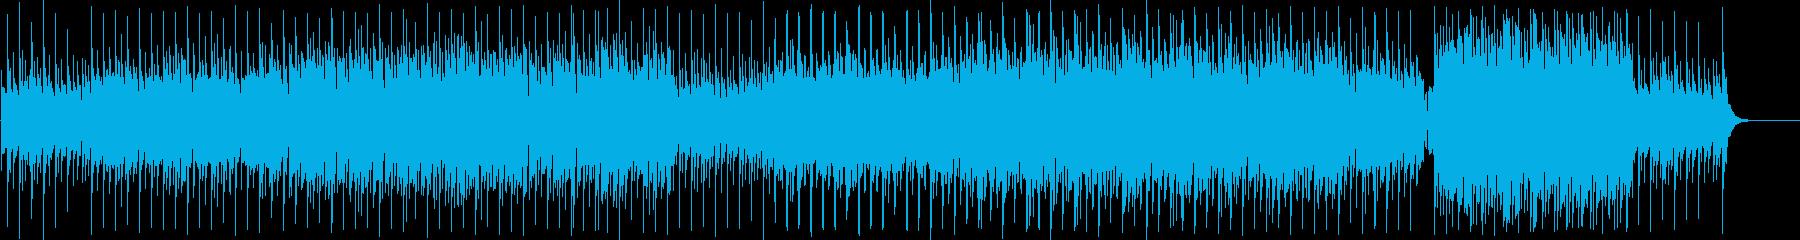 ダンジョンで流れそうな不気味な雰囲気の曲の再生済みの波形